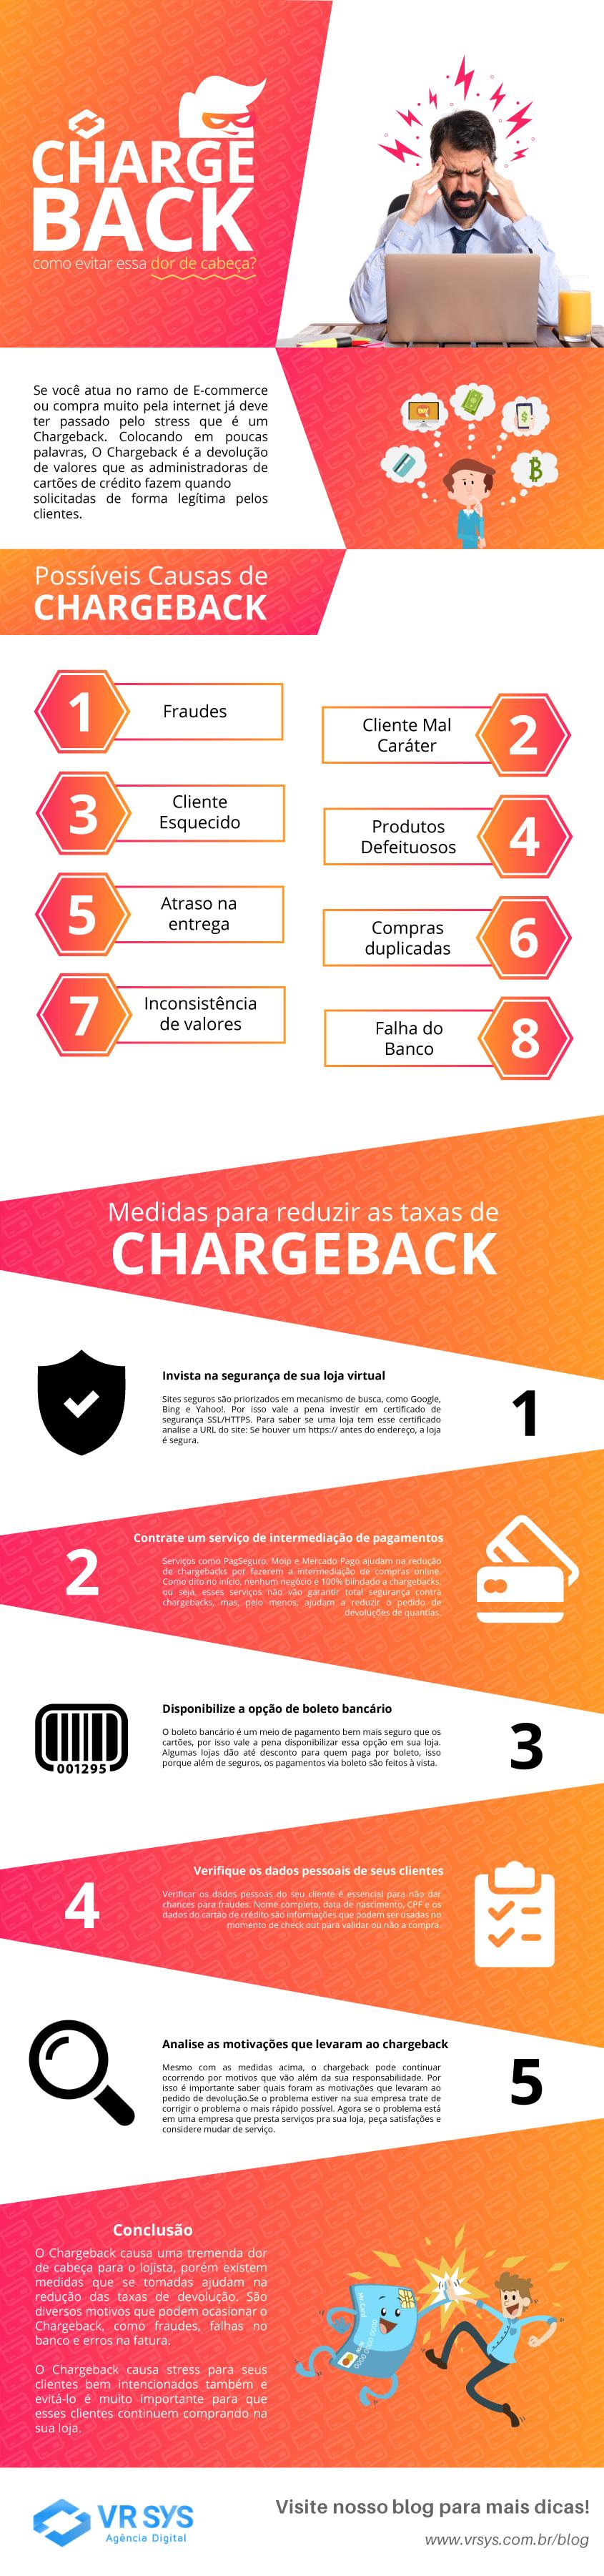 Chargeback - Como evitar essa dor de cabeça?